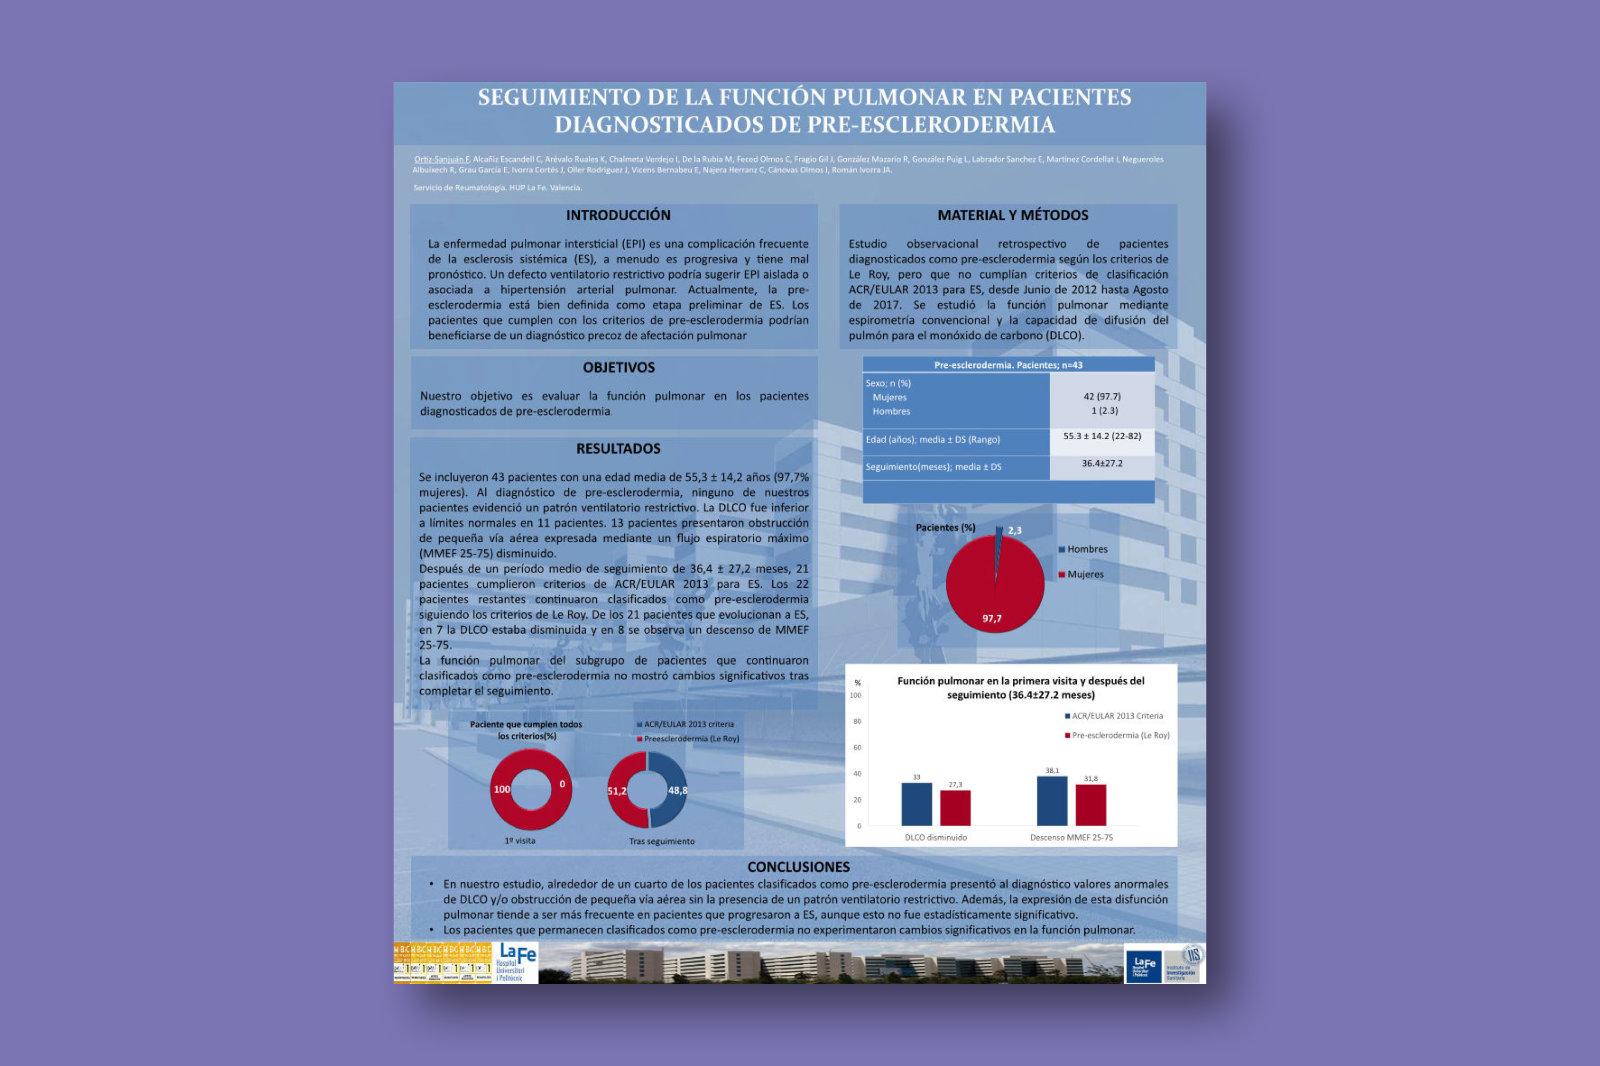 Seguimiento de la función pulmonar en pacientes diagnosticados de Pre-Esclerodermia